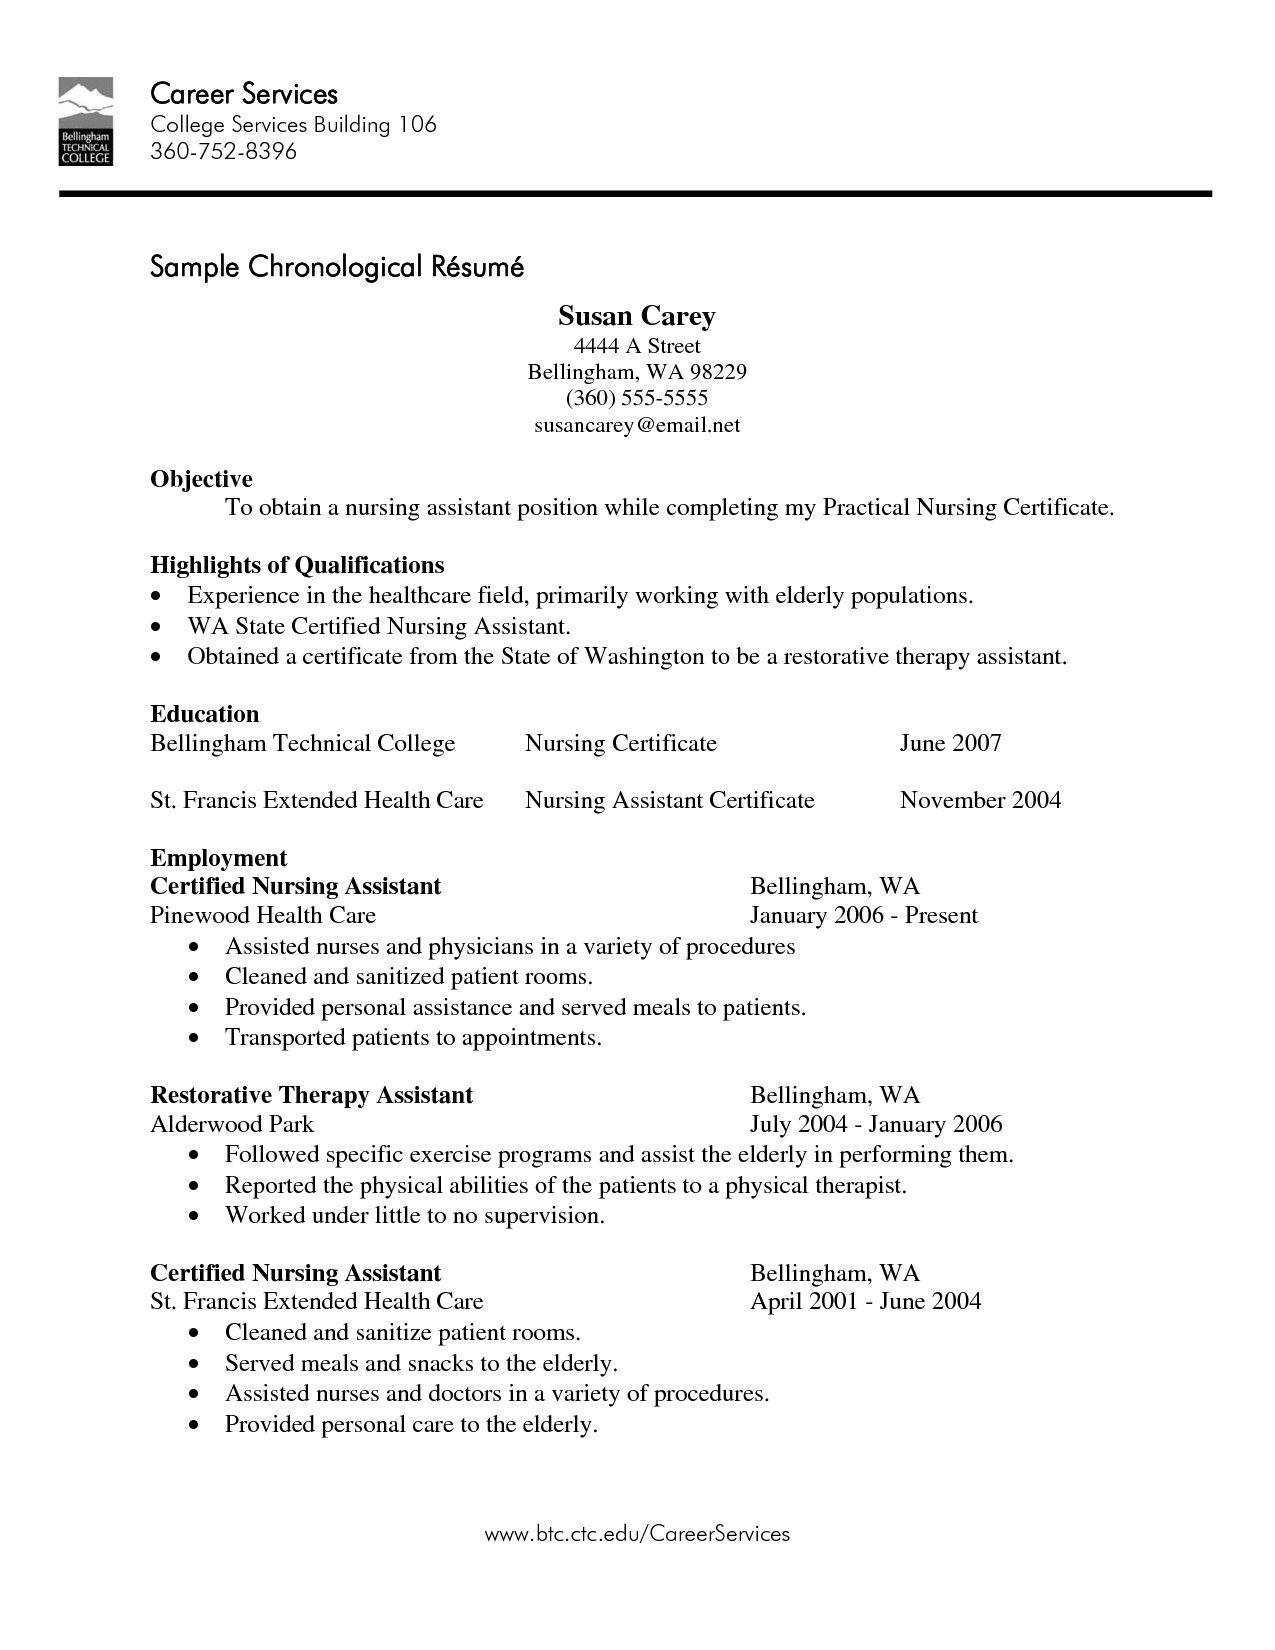 Job Skills For Resume Cna